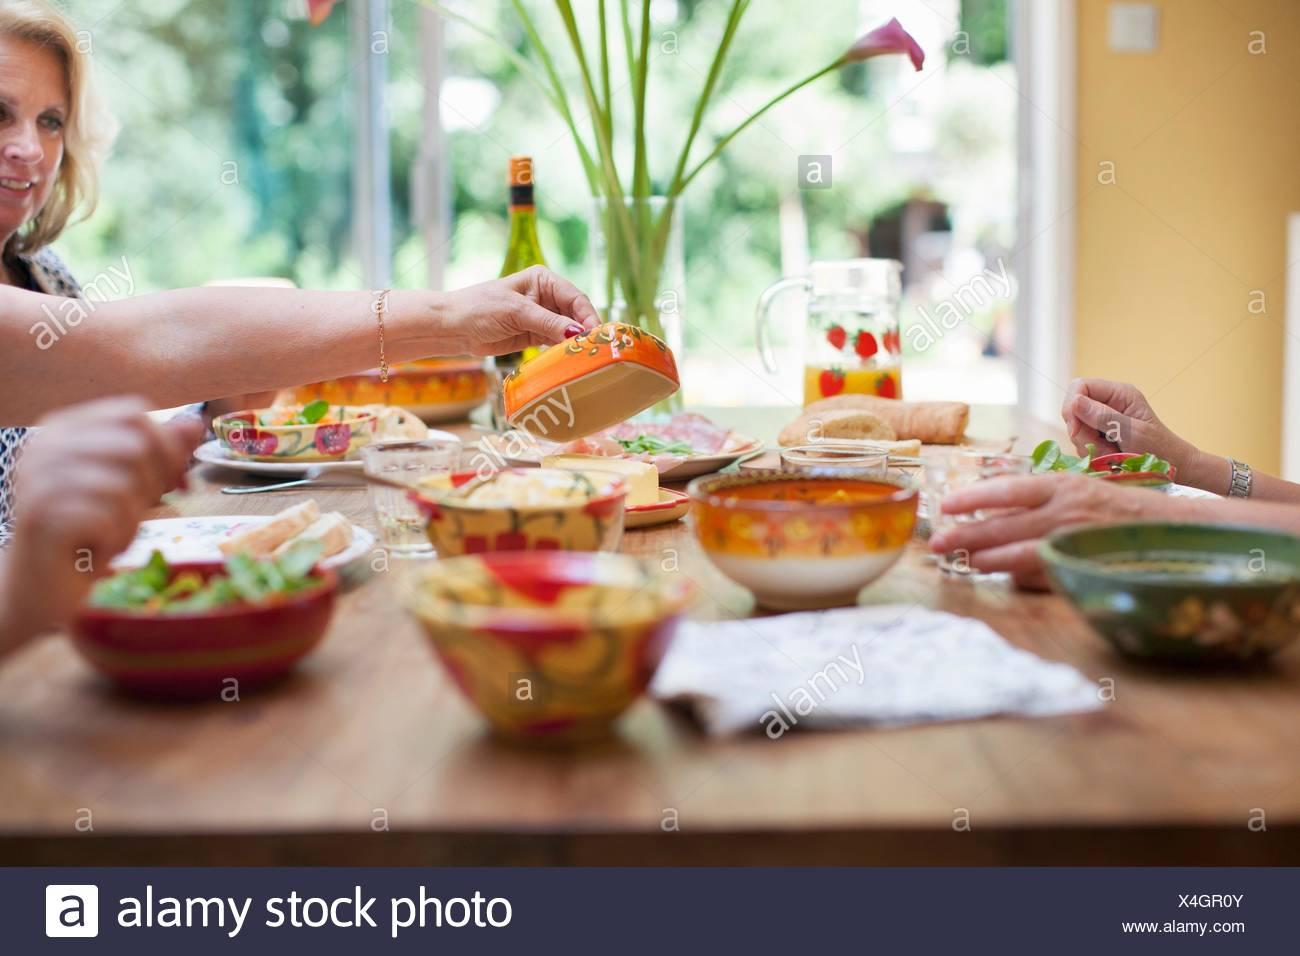 Trois femmes en train de déjeuner ensemble à la maison Photo Stock